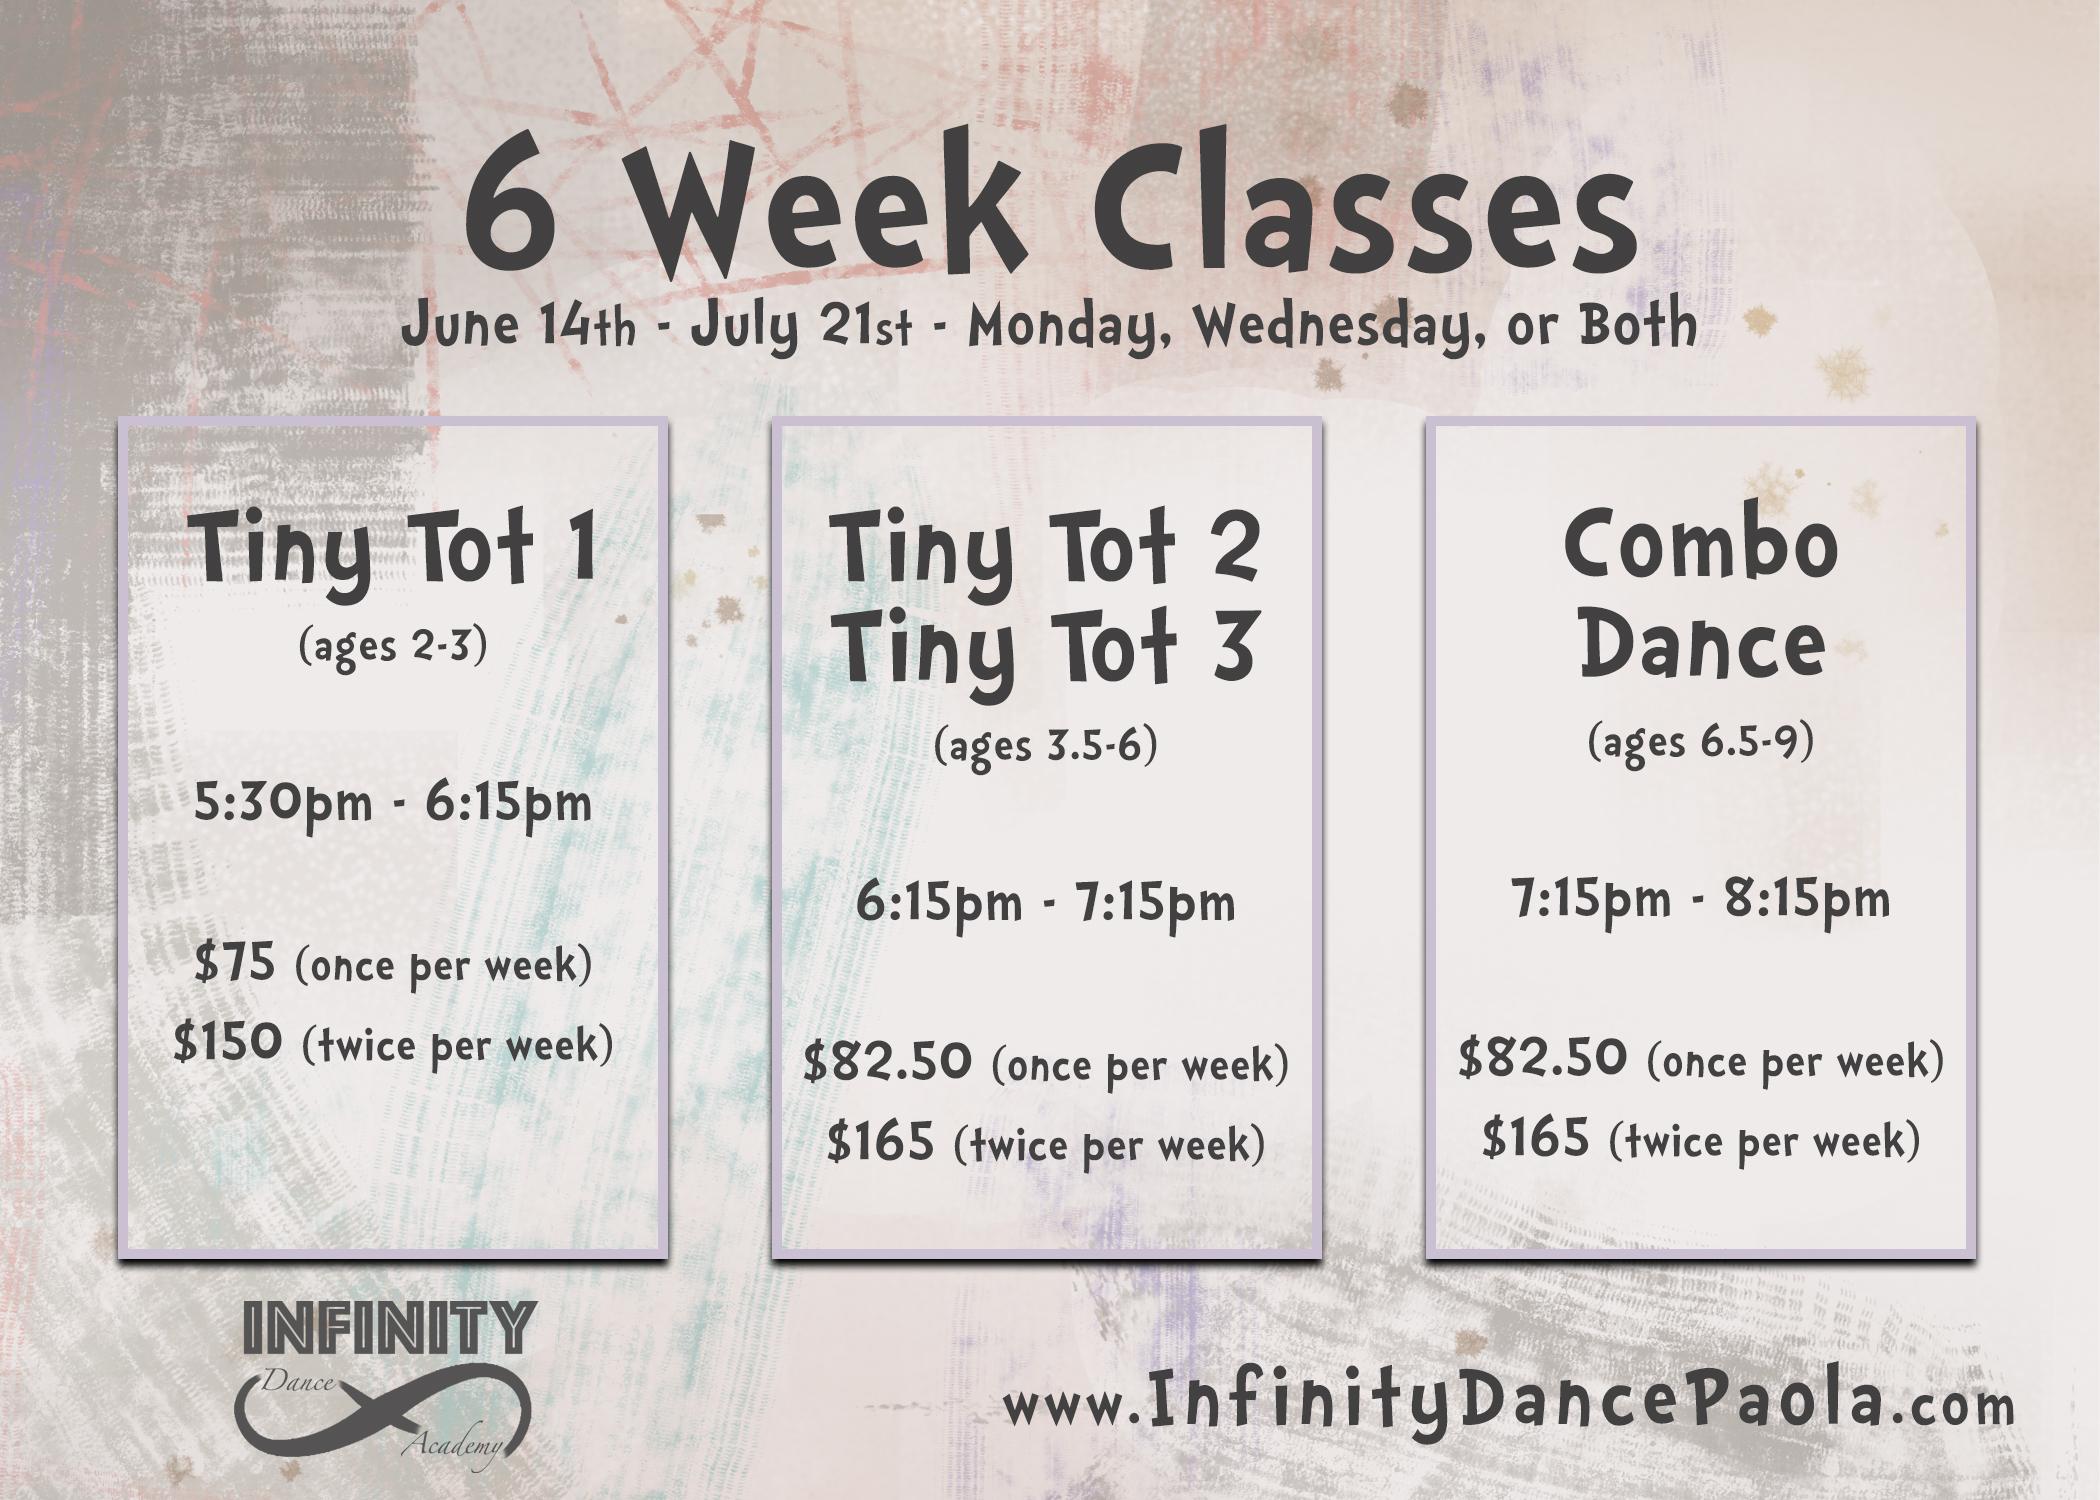 6 Week Classes